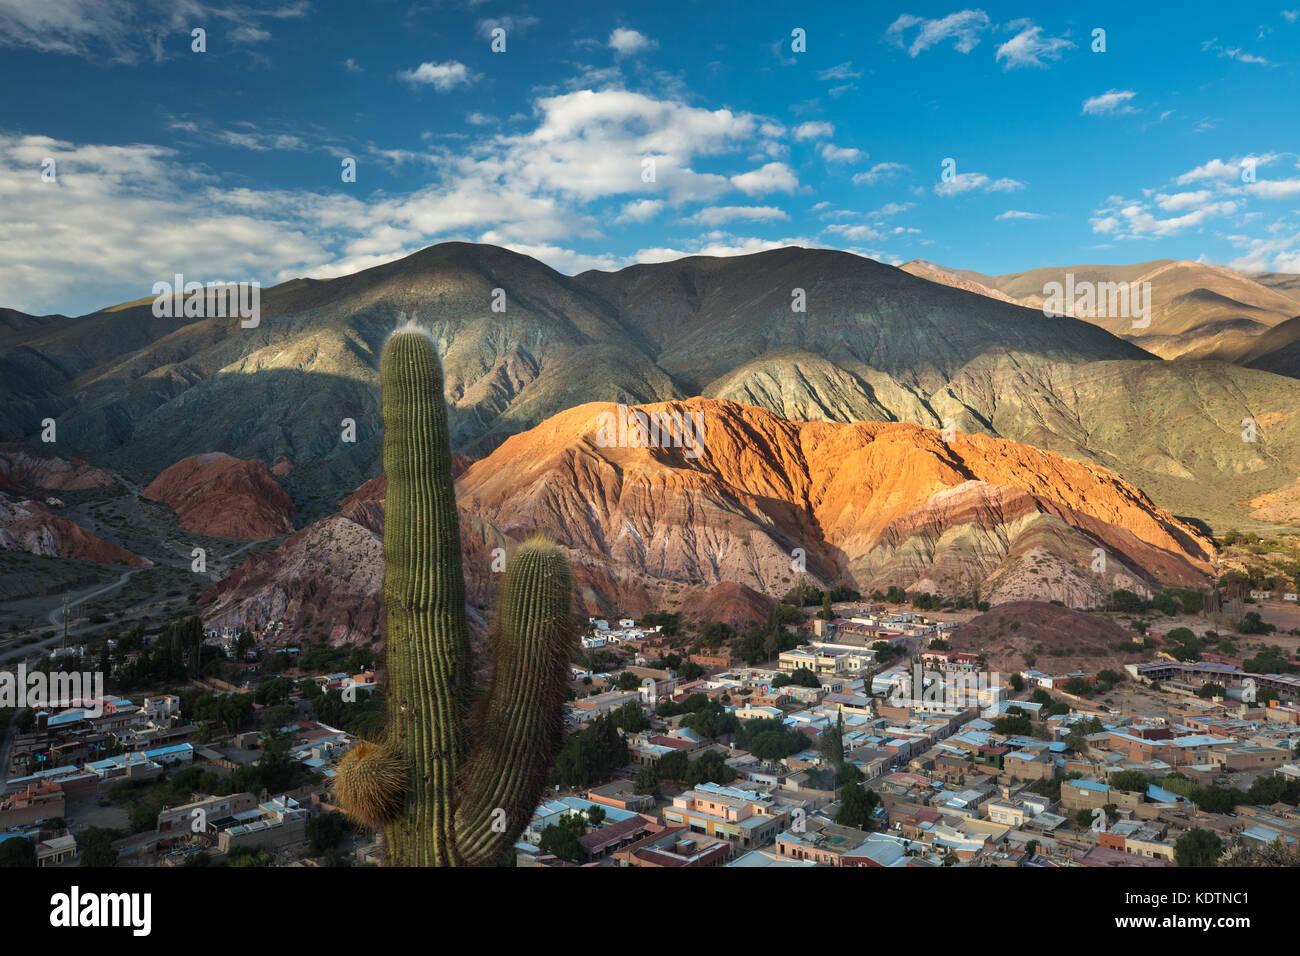 El cerro de los siete colores Cerro de los siete colores) en Purmamarca, quebrada de humahuacha, provincia de Jujuy, Imagen De Stock